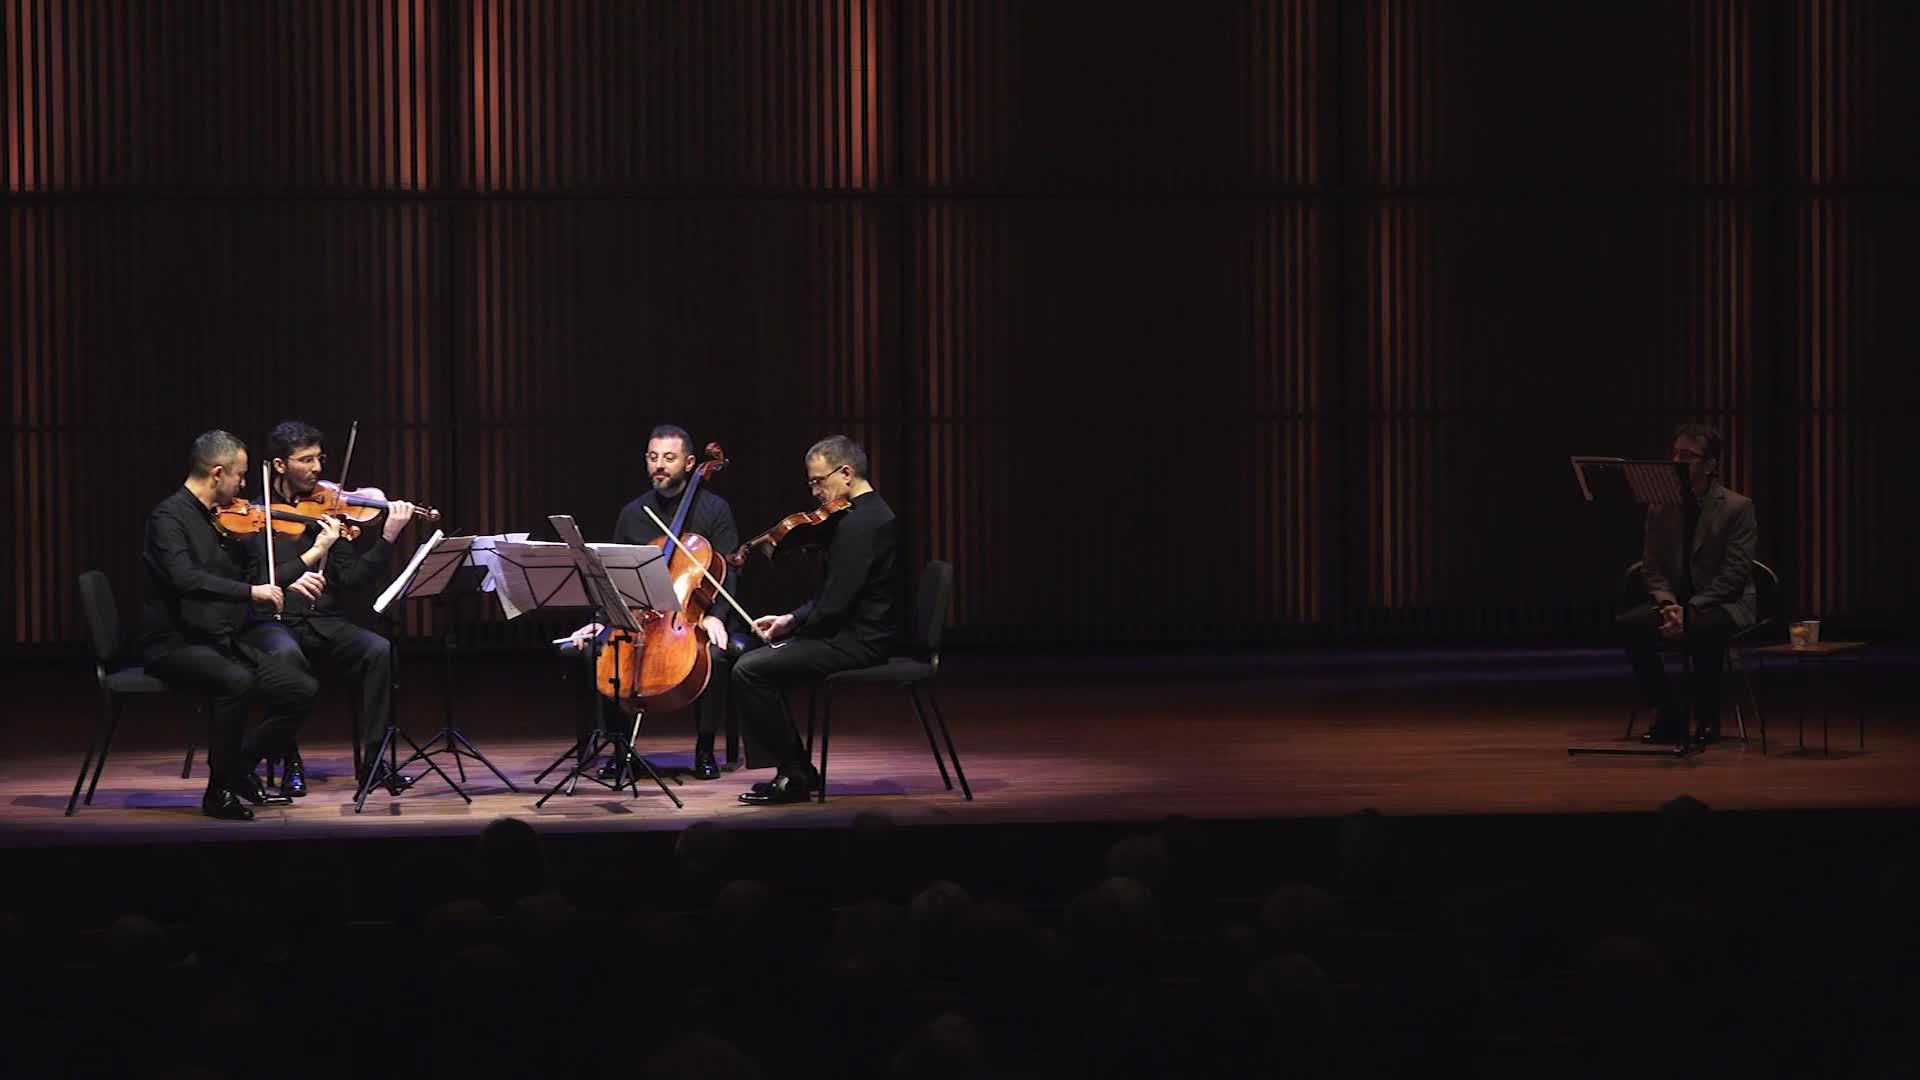 Borusan Quartet: Hasan Uçarsu – String Quartet No. 2 'The Untold'